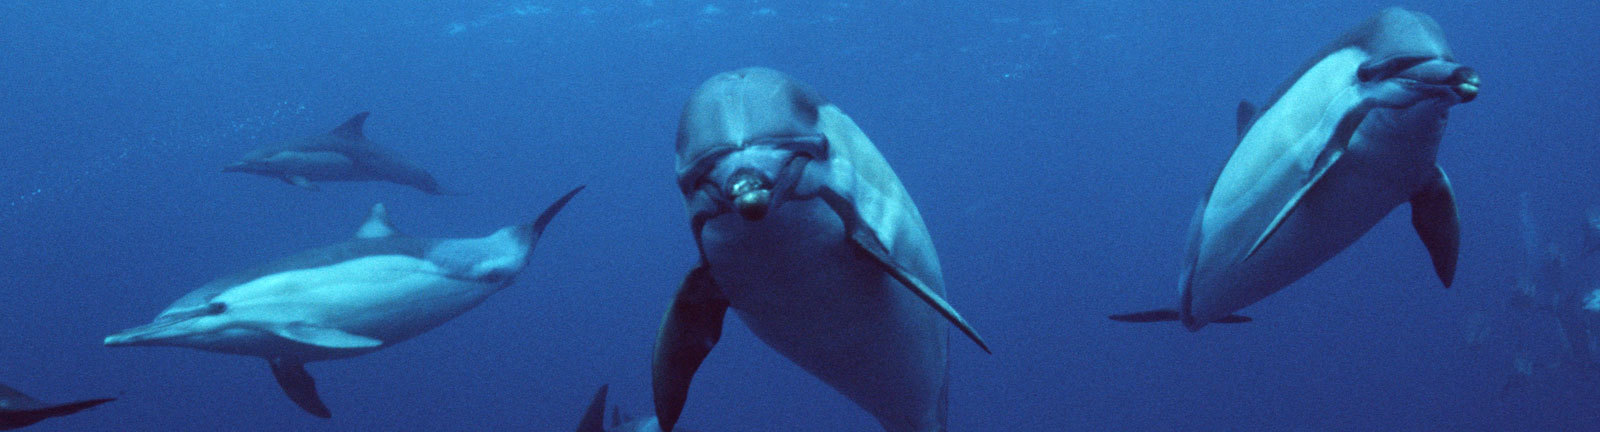 Mehrere Delfine schwimmen im Meer.